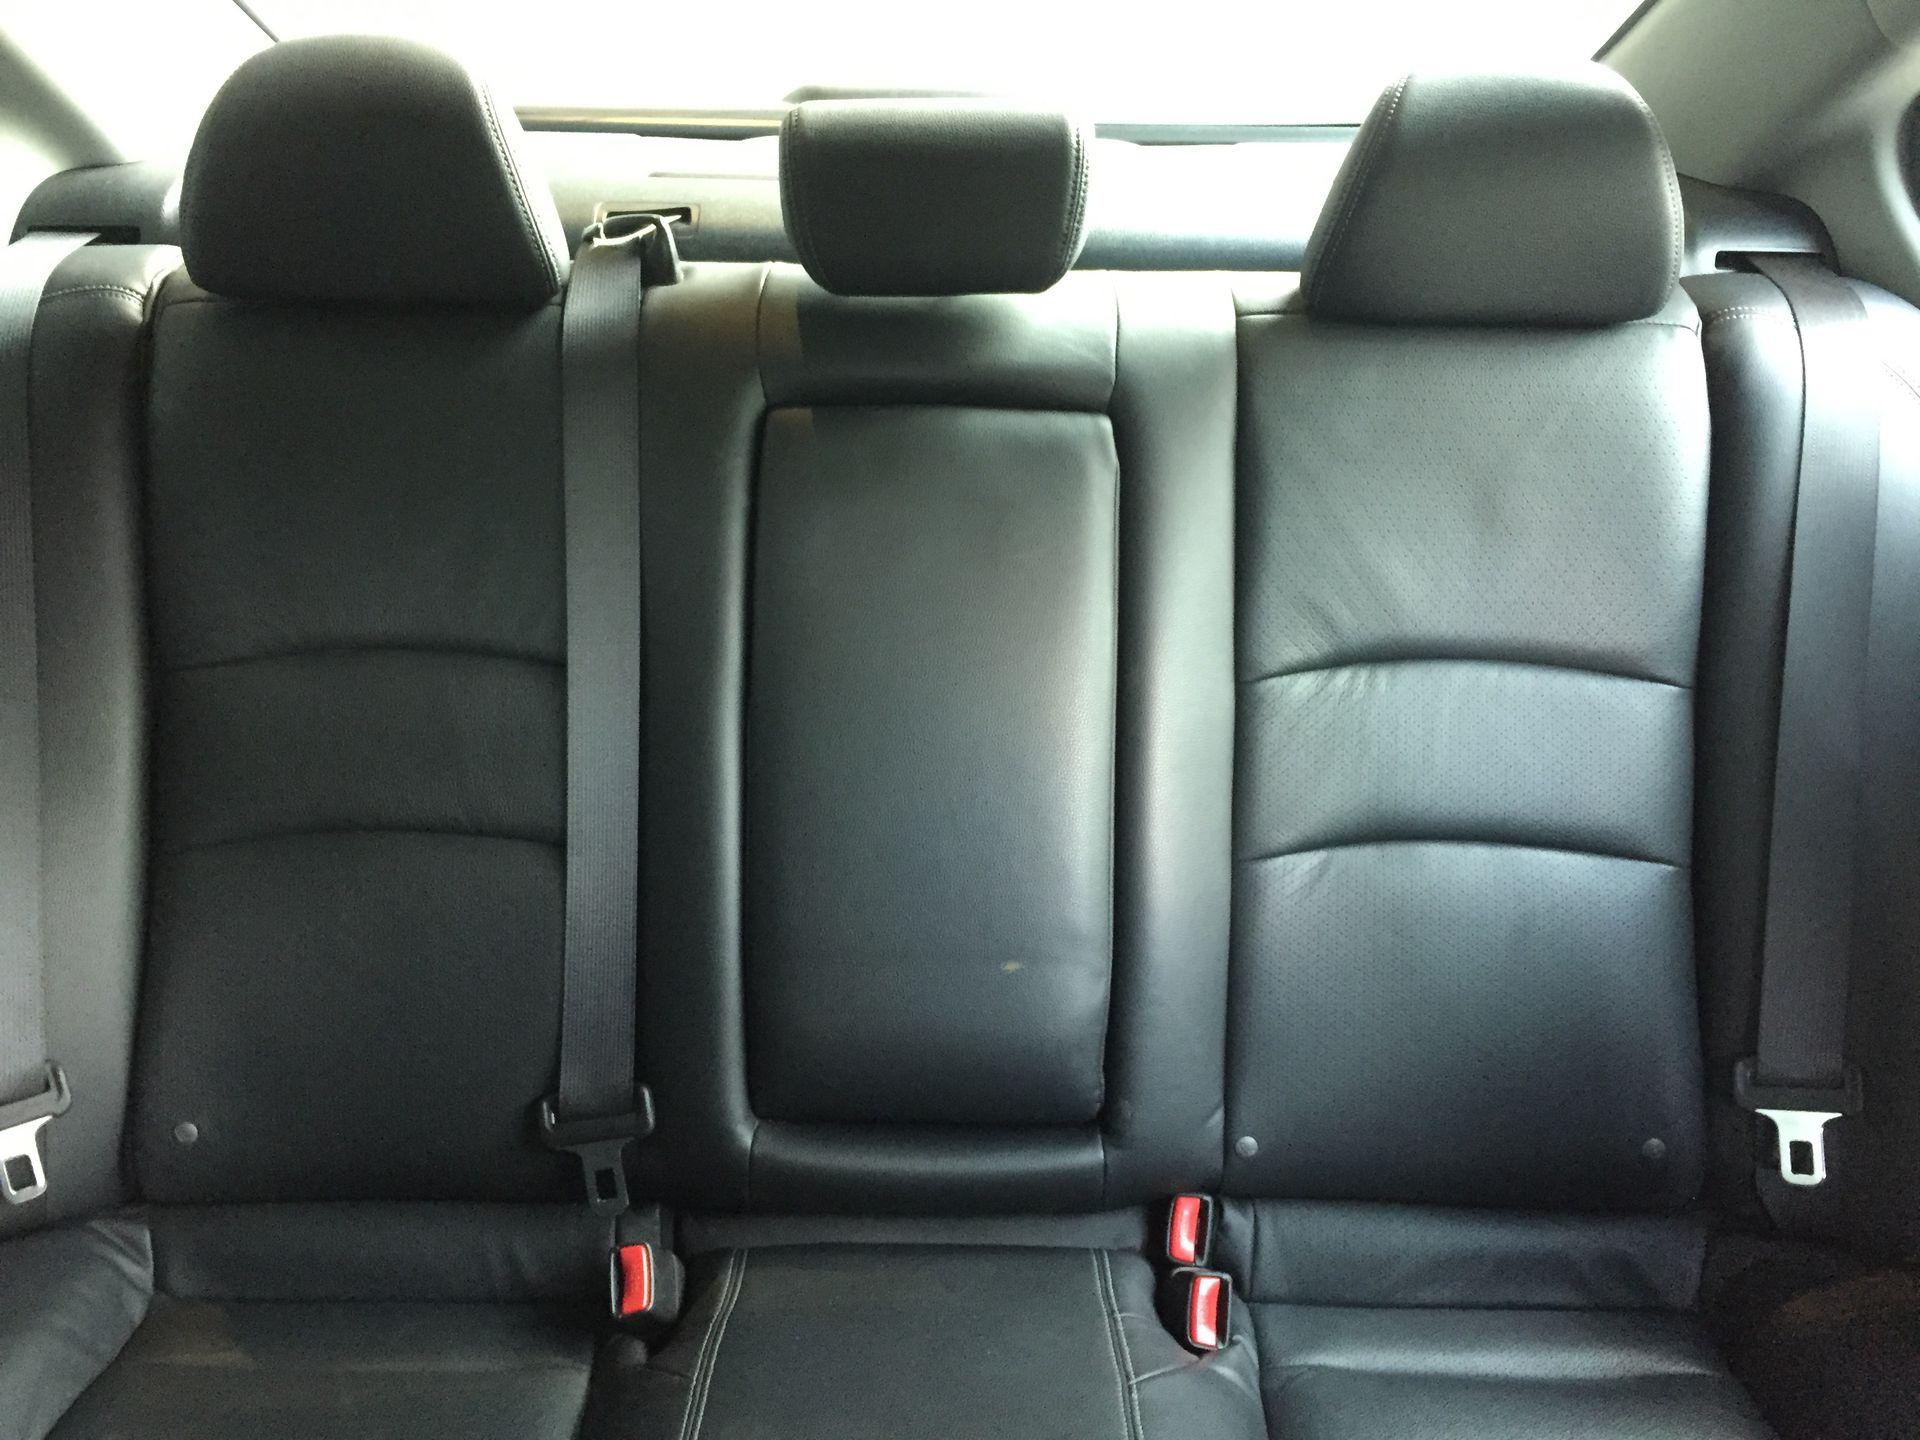 2017 Honda Accord 2.4L I-VTEC (A)